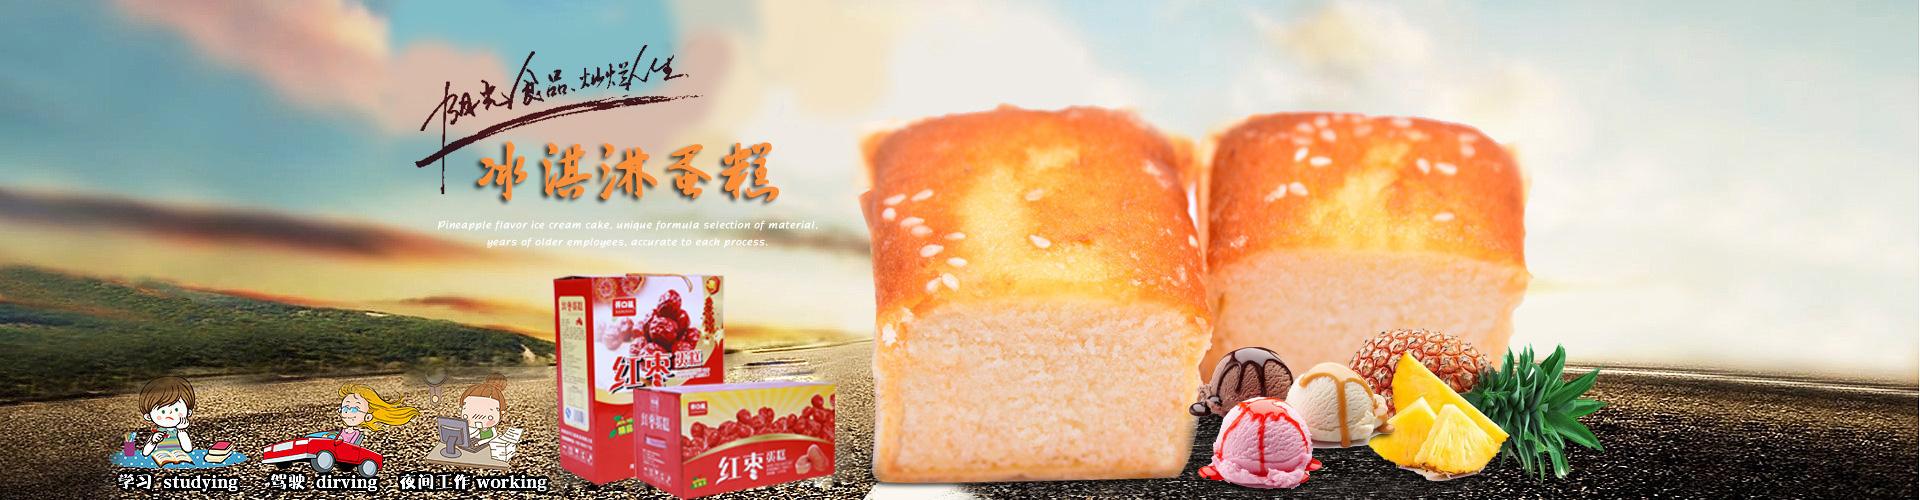 河南省开口福食品有限公司